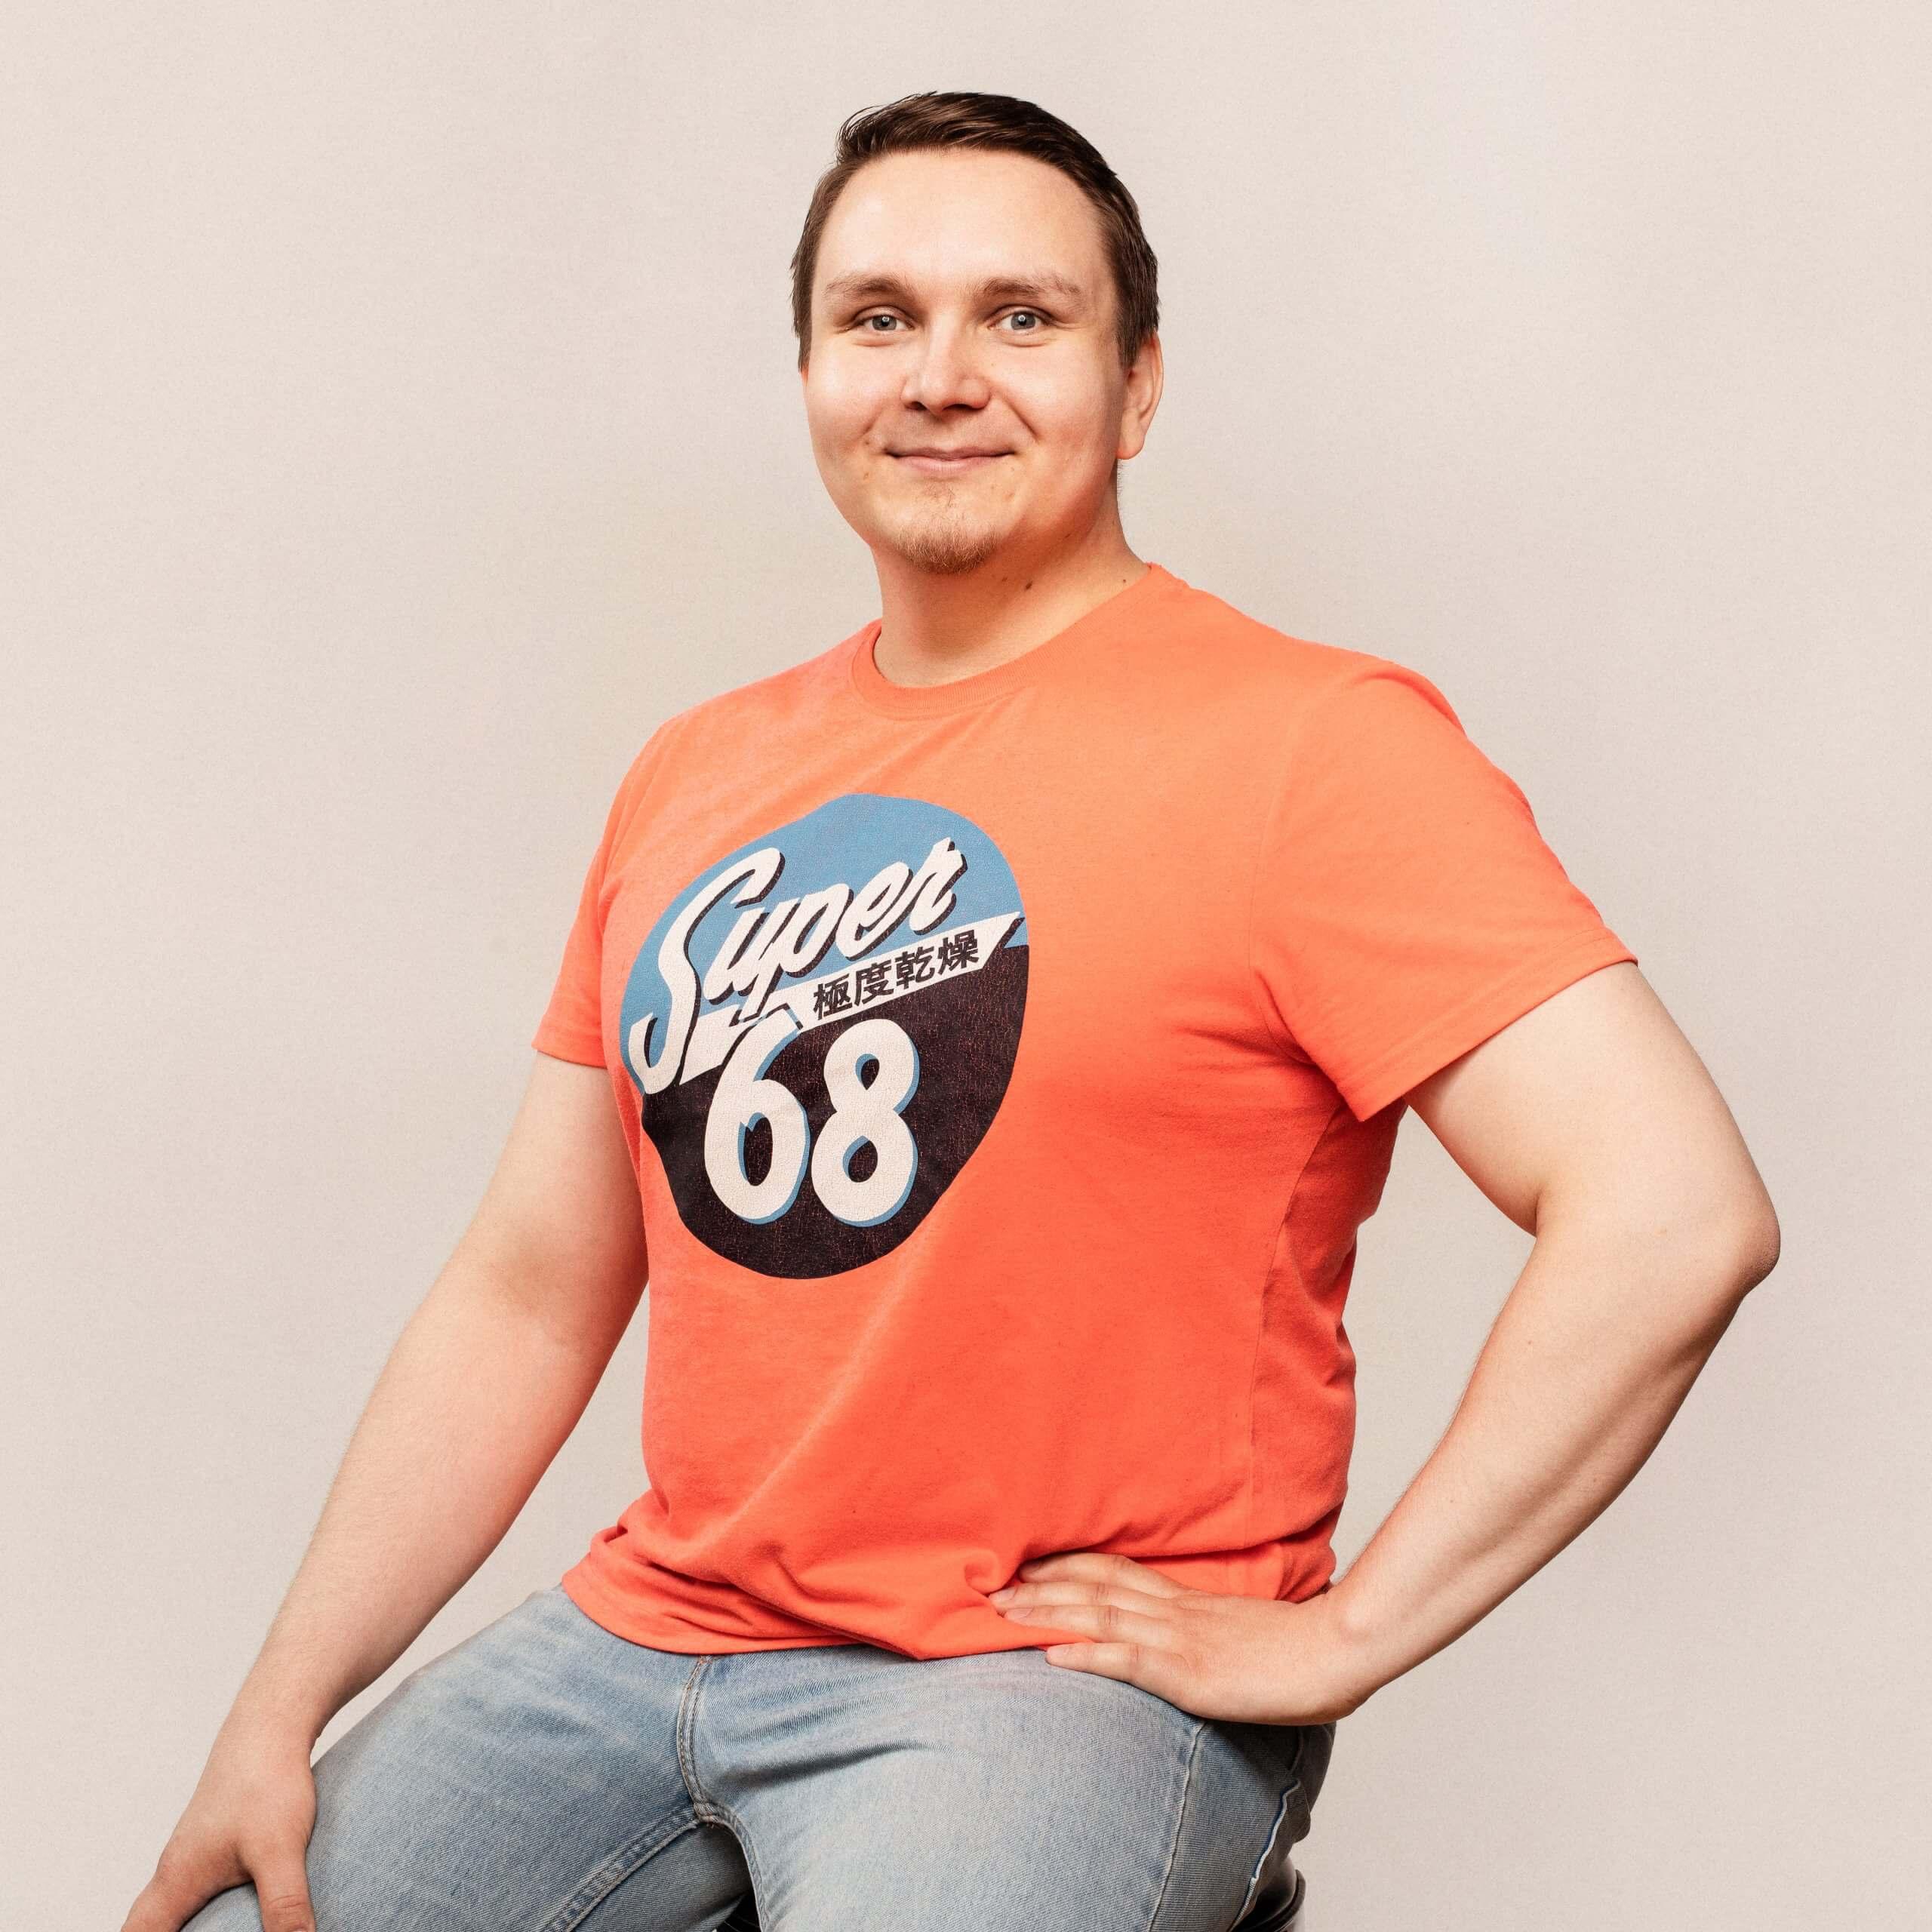 Heikki Marin